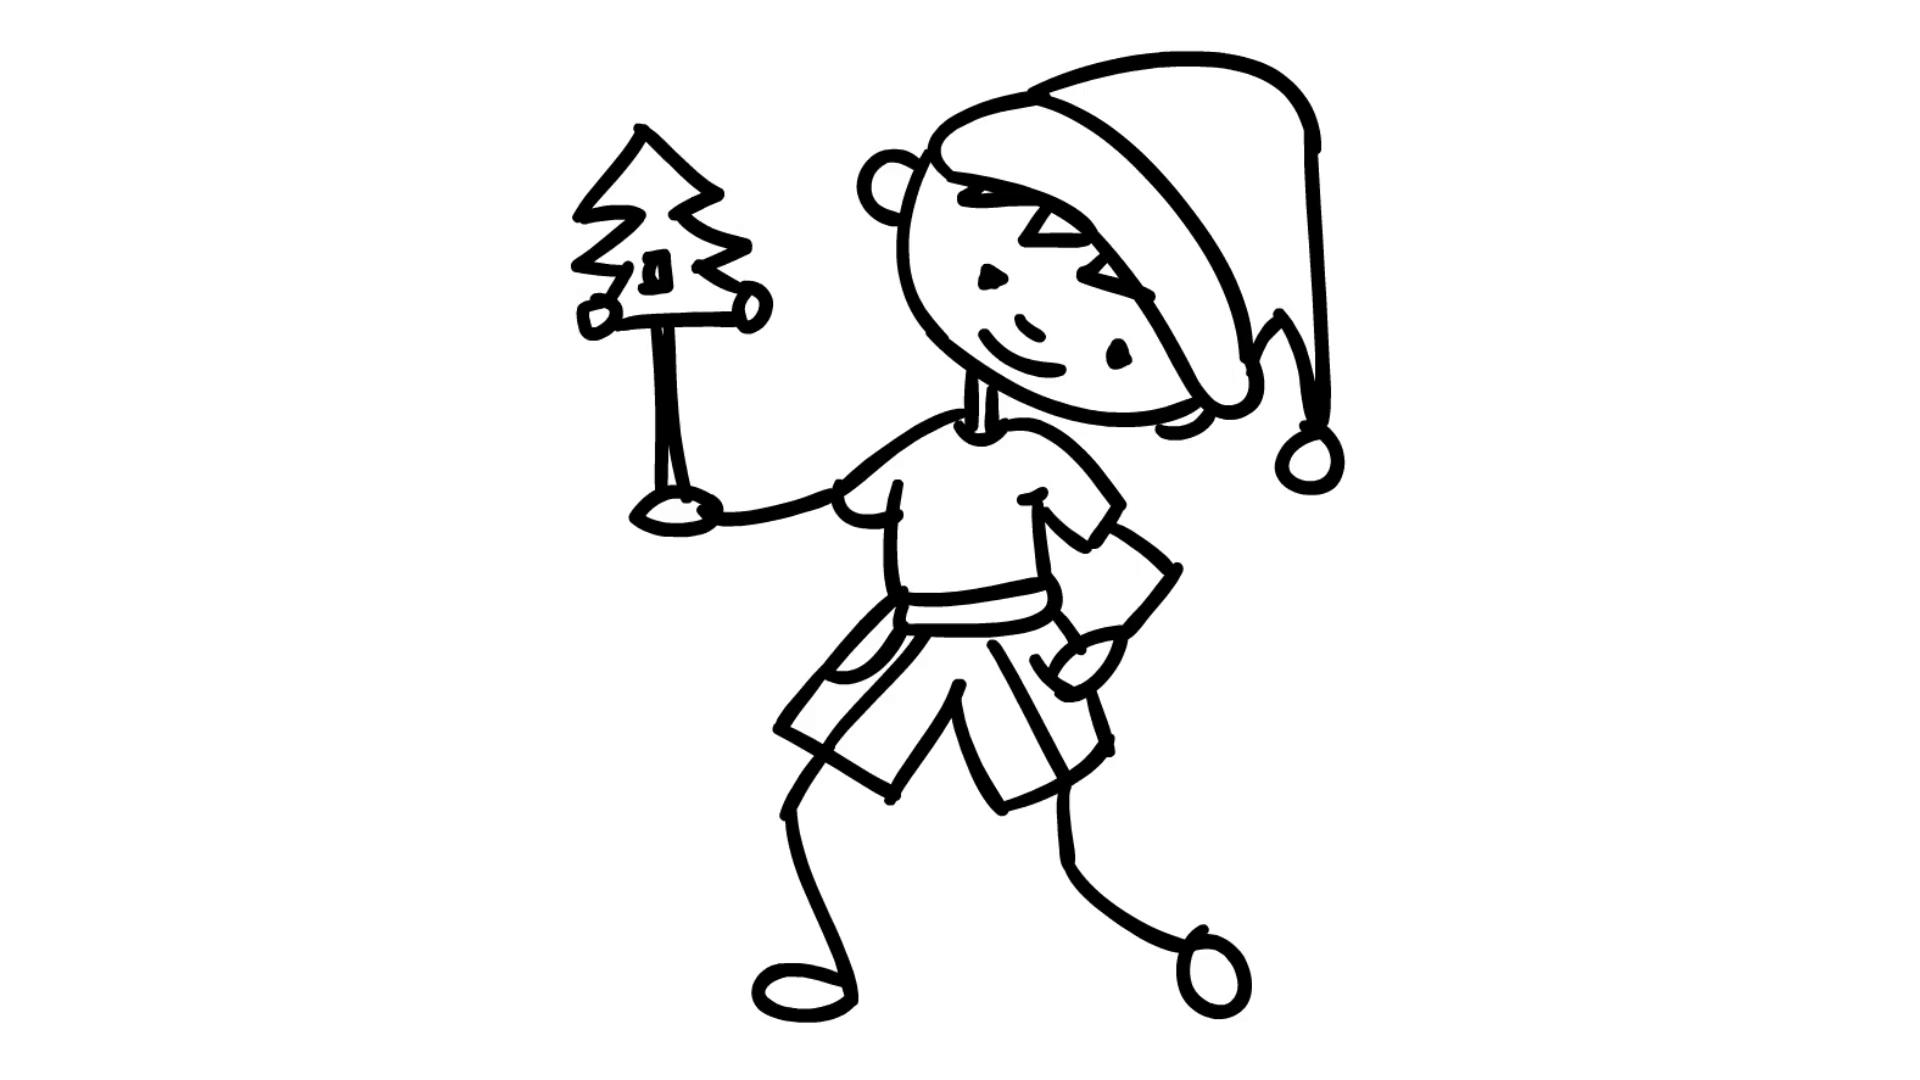 1920x1080 Christmas Kids Playing With Small Christmas Tree Line Drawing